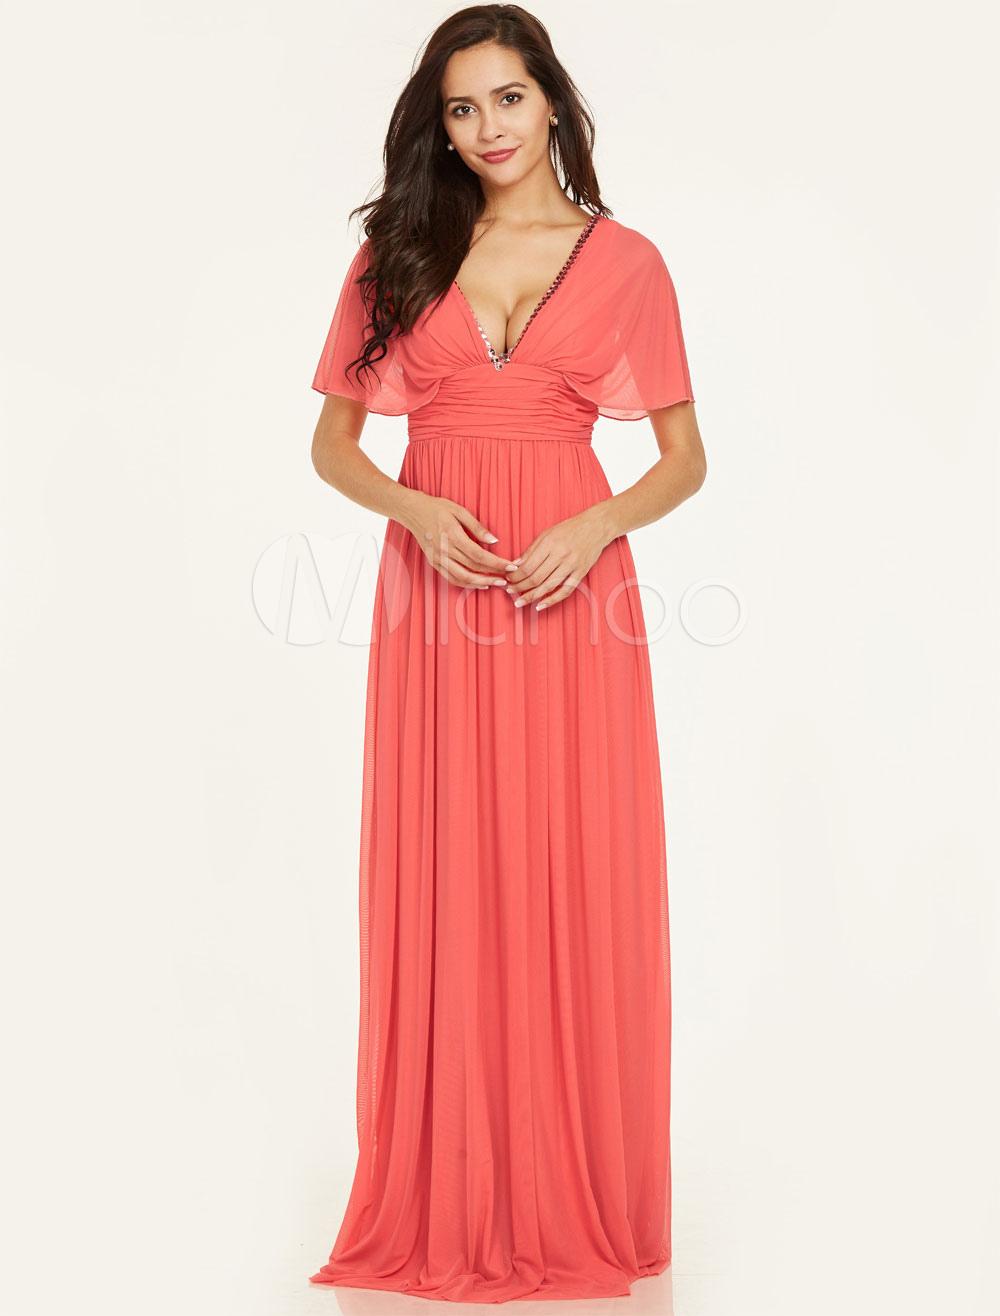 Prom kleider lange chiffon v ausschnitt kurzarm perlen - Kleider milanoo ...